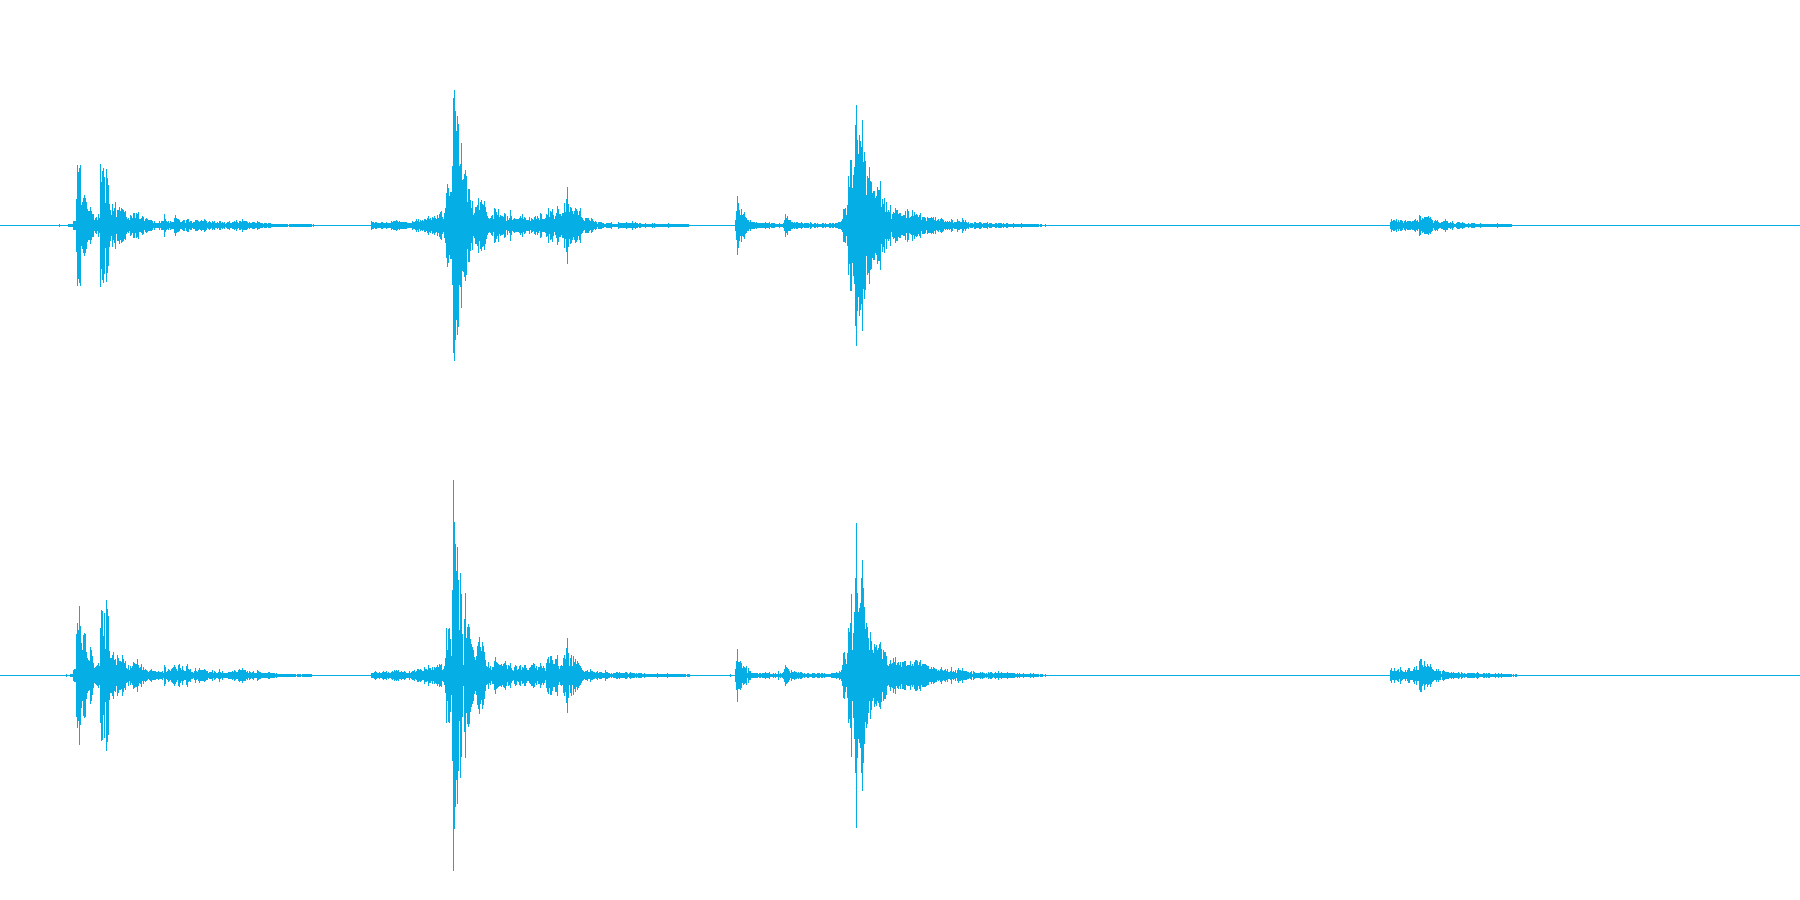 カセットテープ ケース開閉音の再生済みの波形